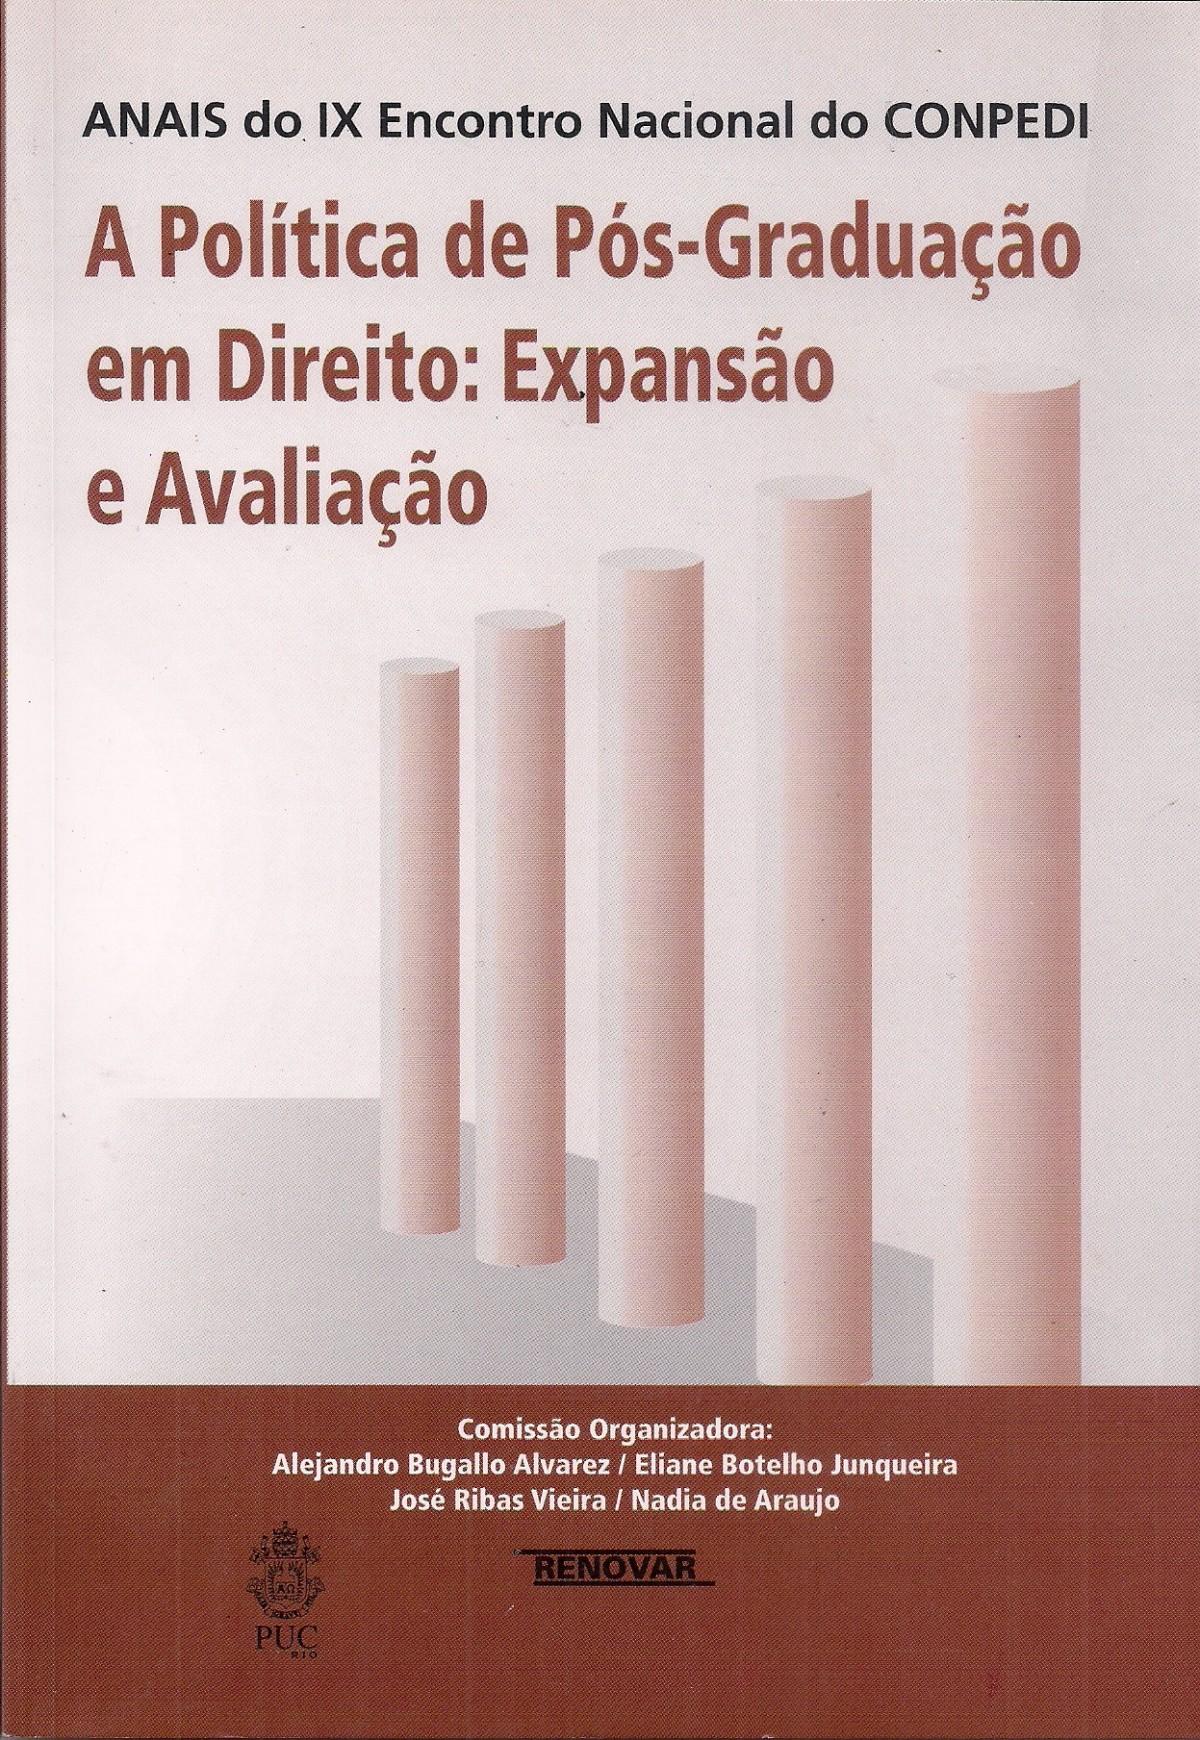 Foto 1 - A Política de Pós-Graduação em Direito: Expansão e Avaliação